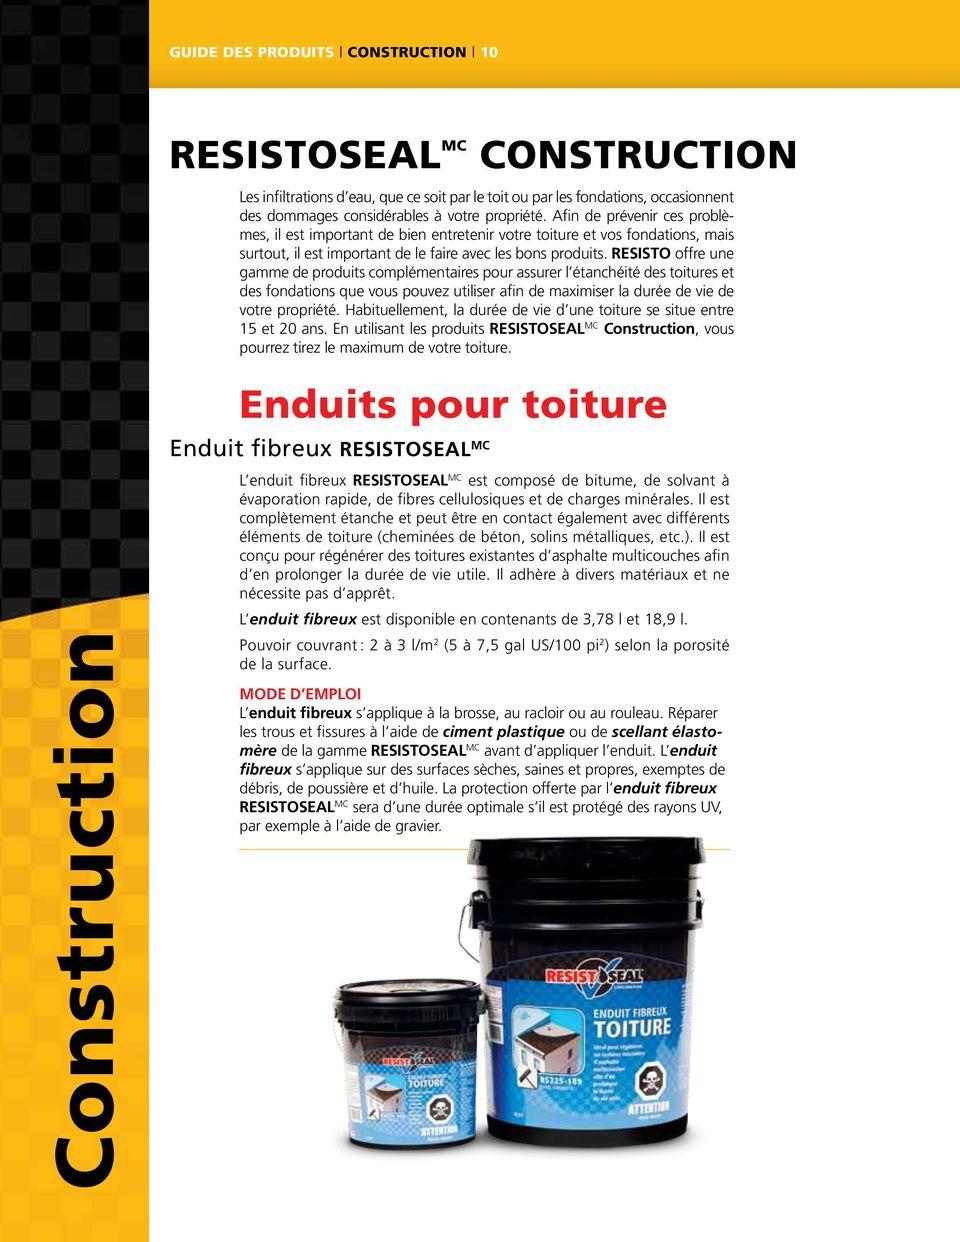 Construction Asphalte - Pdf Free Download intérieur Enduit Fibreux Pour Toiture